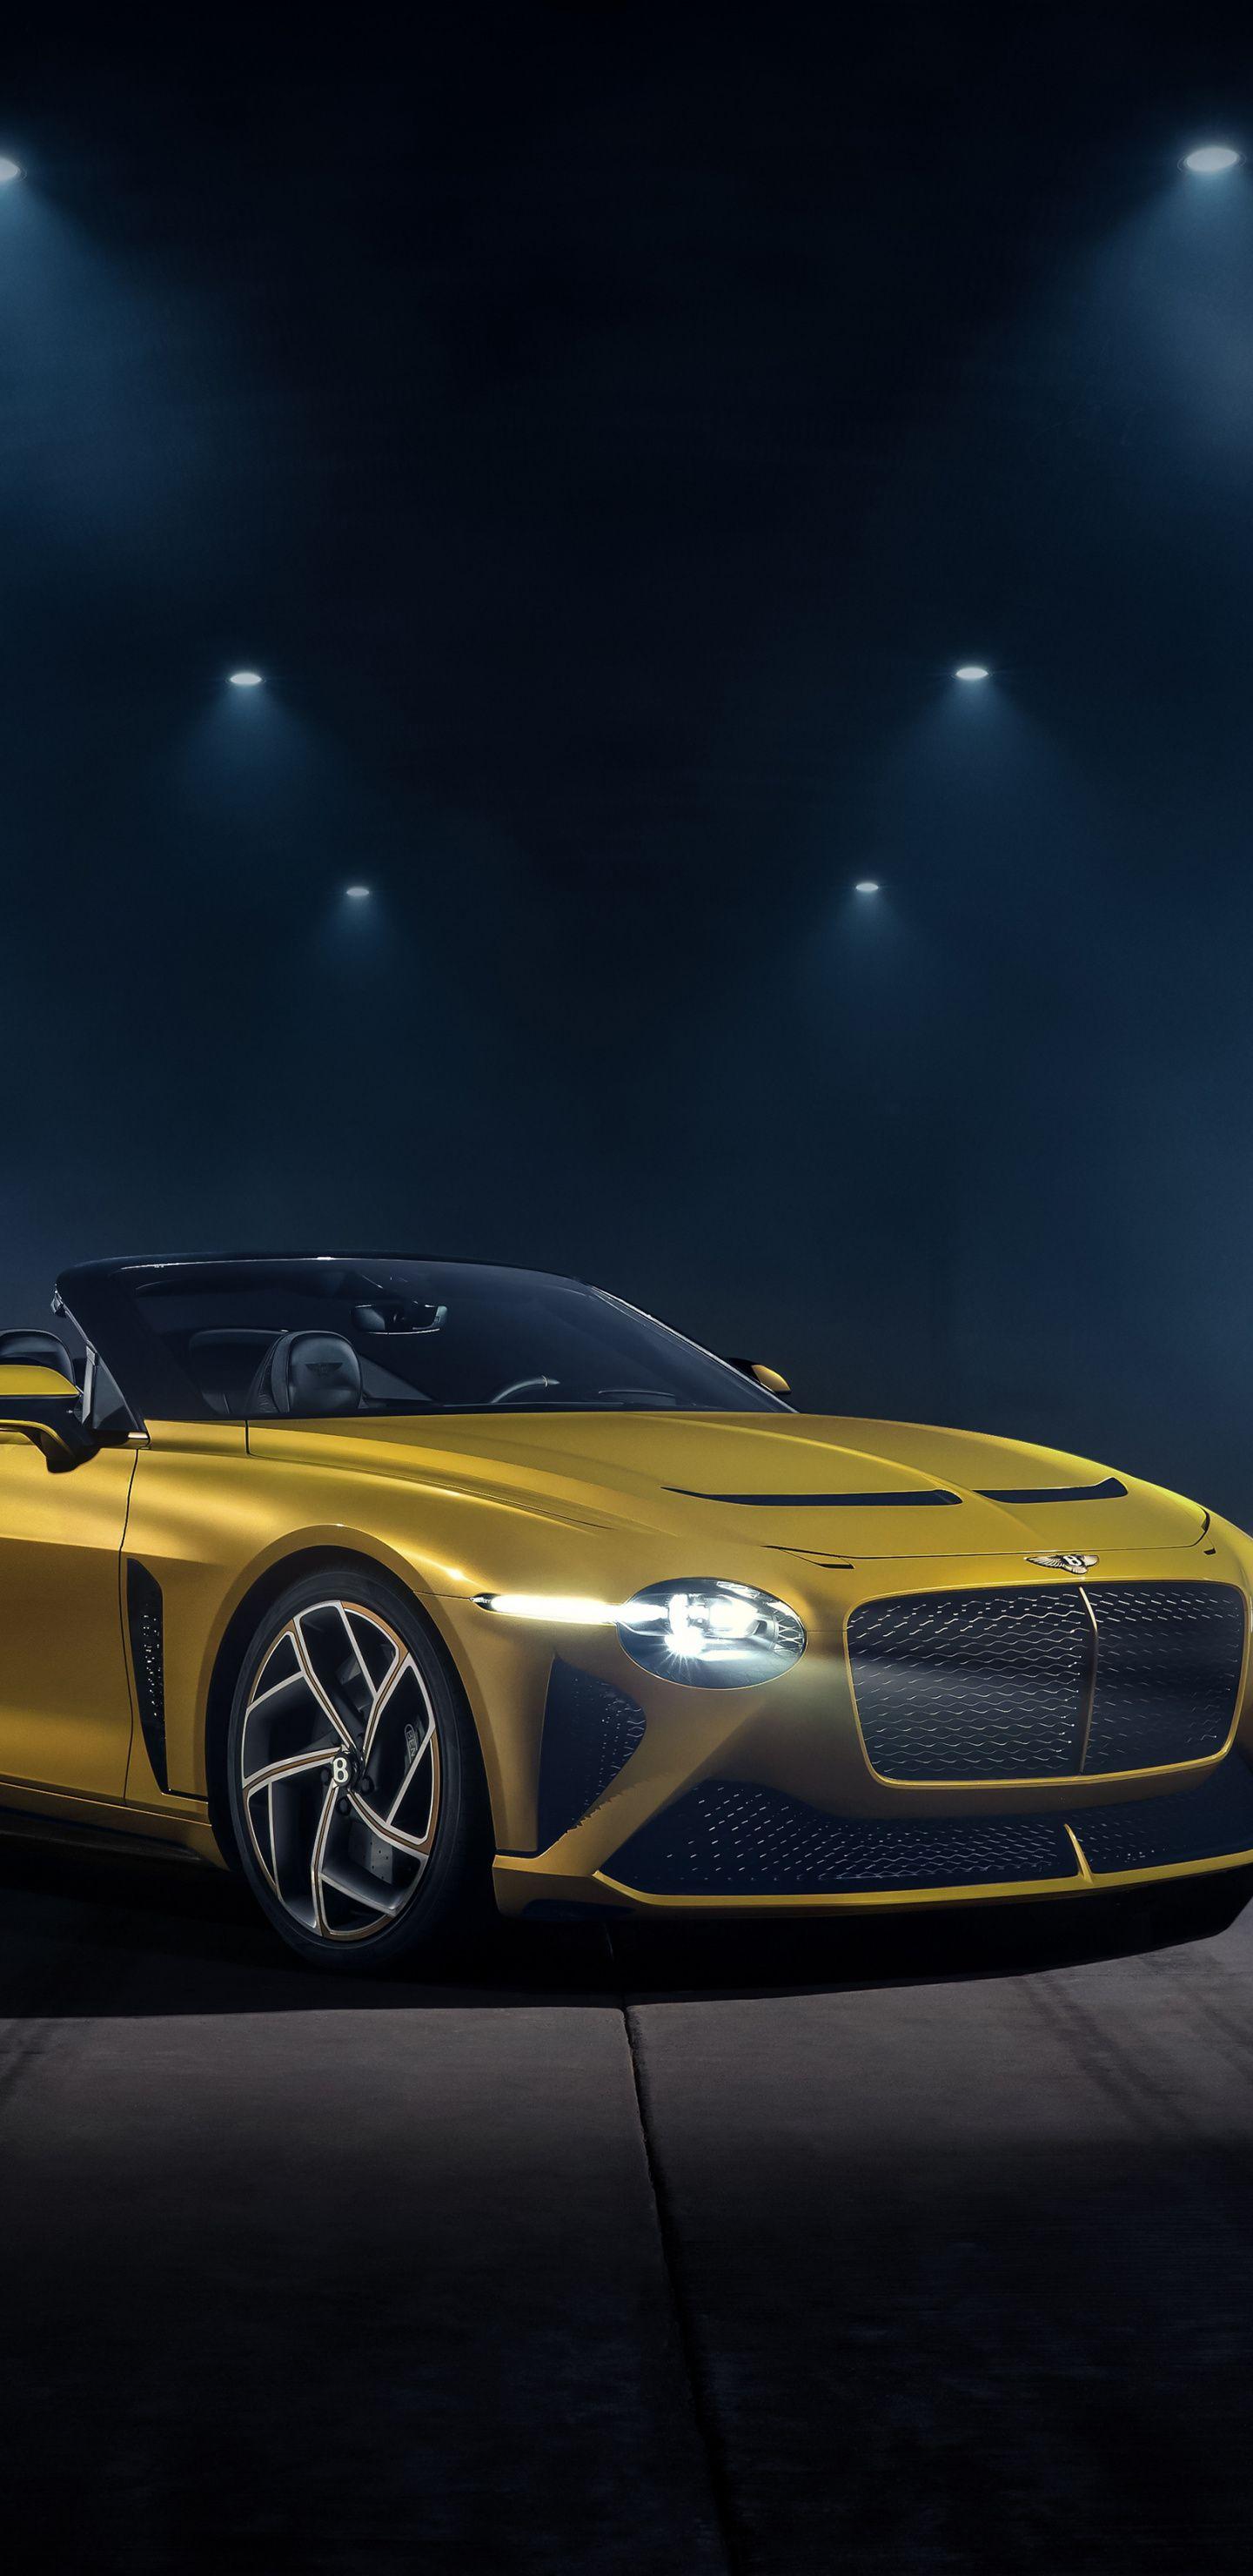 1440x2960 Luxury Car Bentley Mulliner Bacalar Auto Show Wallpaper Bentley Mulliner Luxury Cars Luxury Cars Bentley